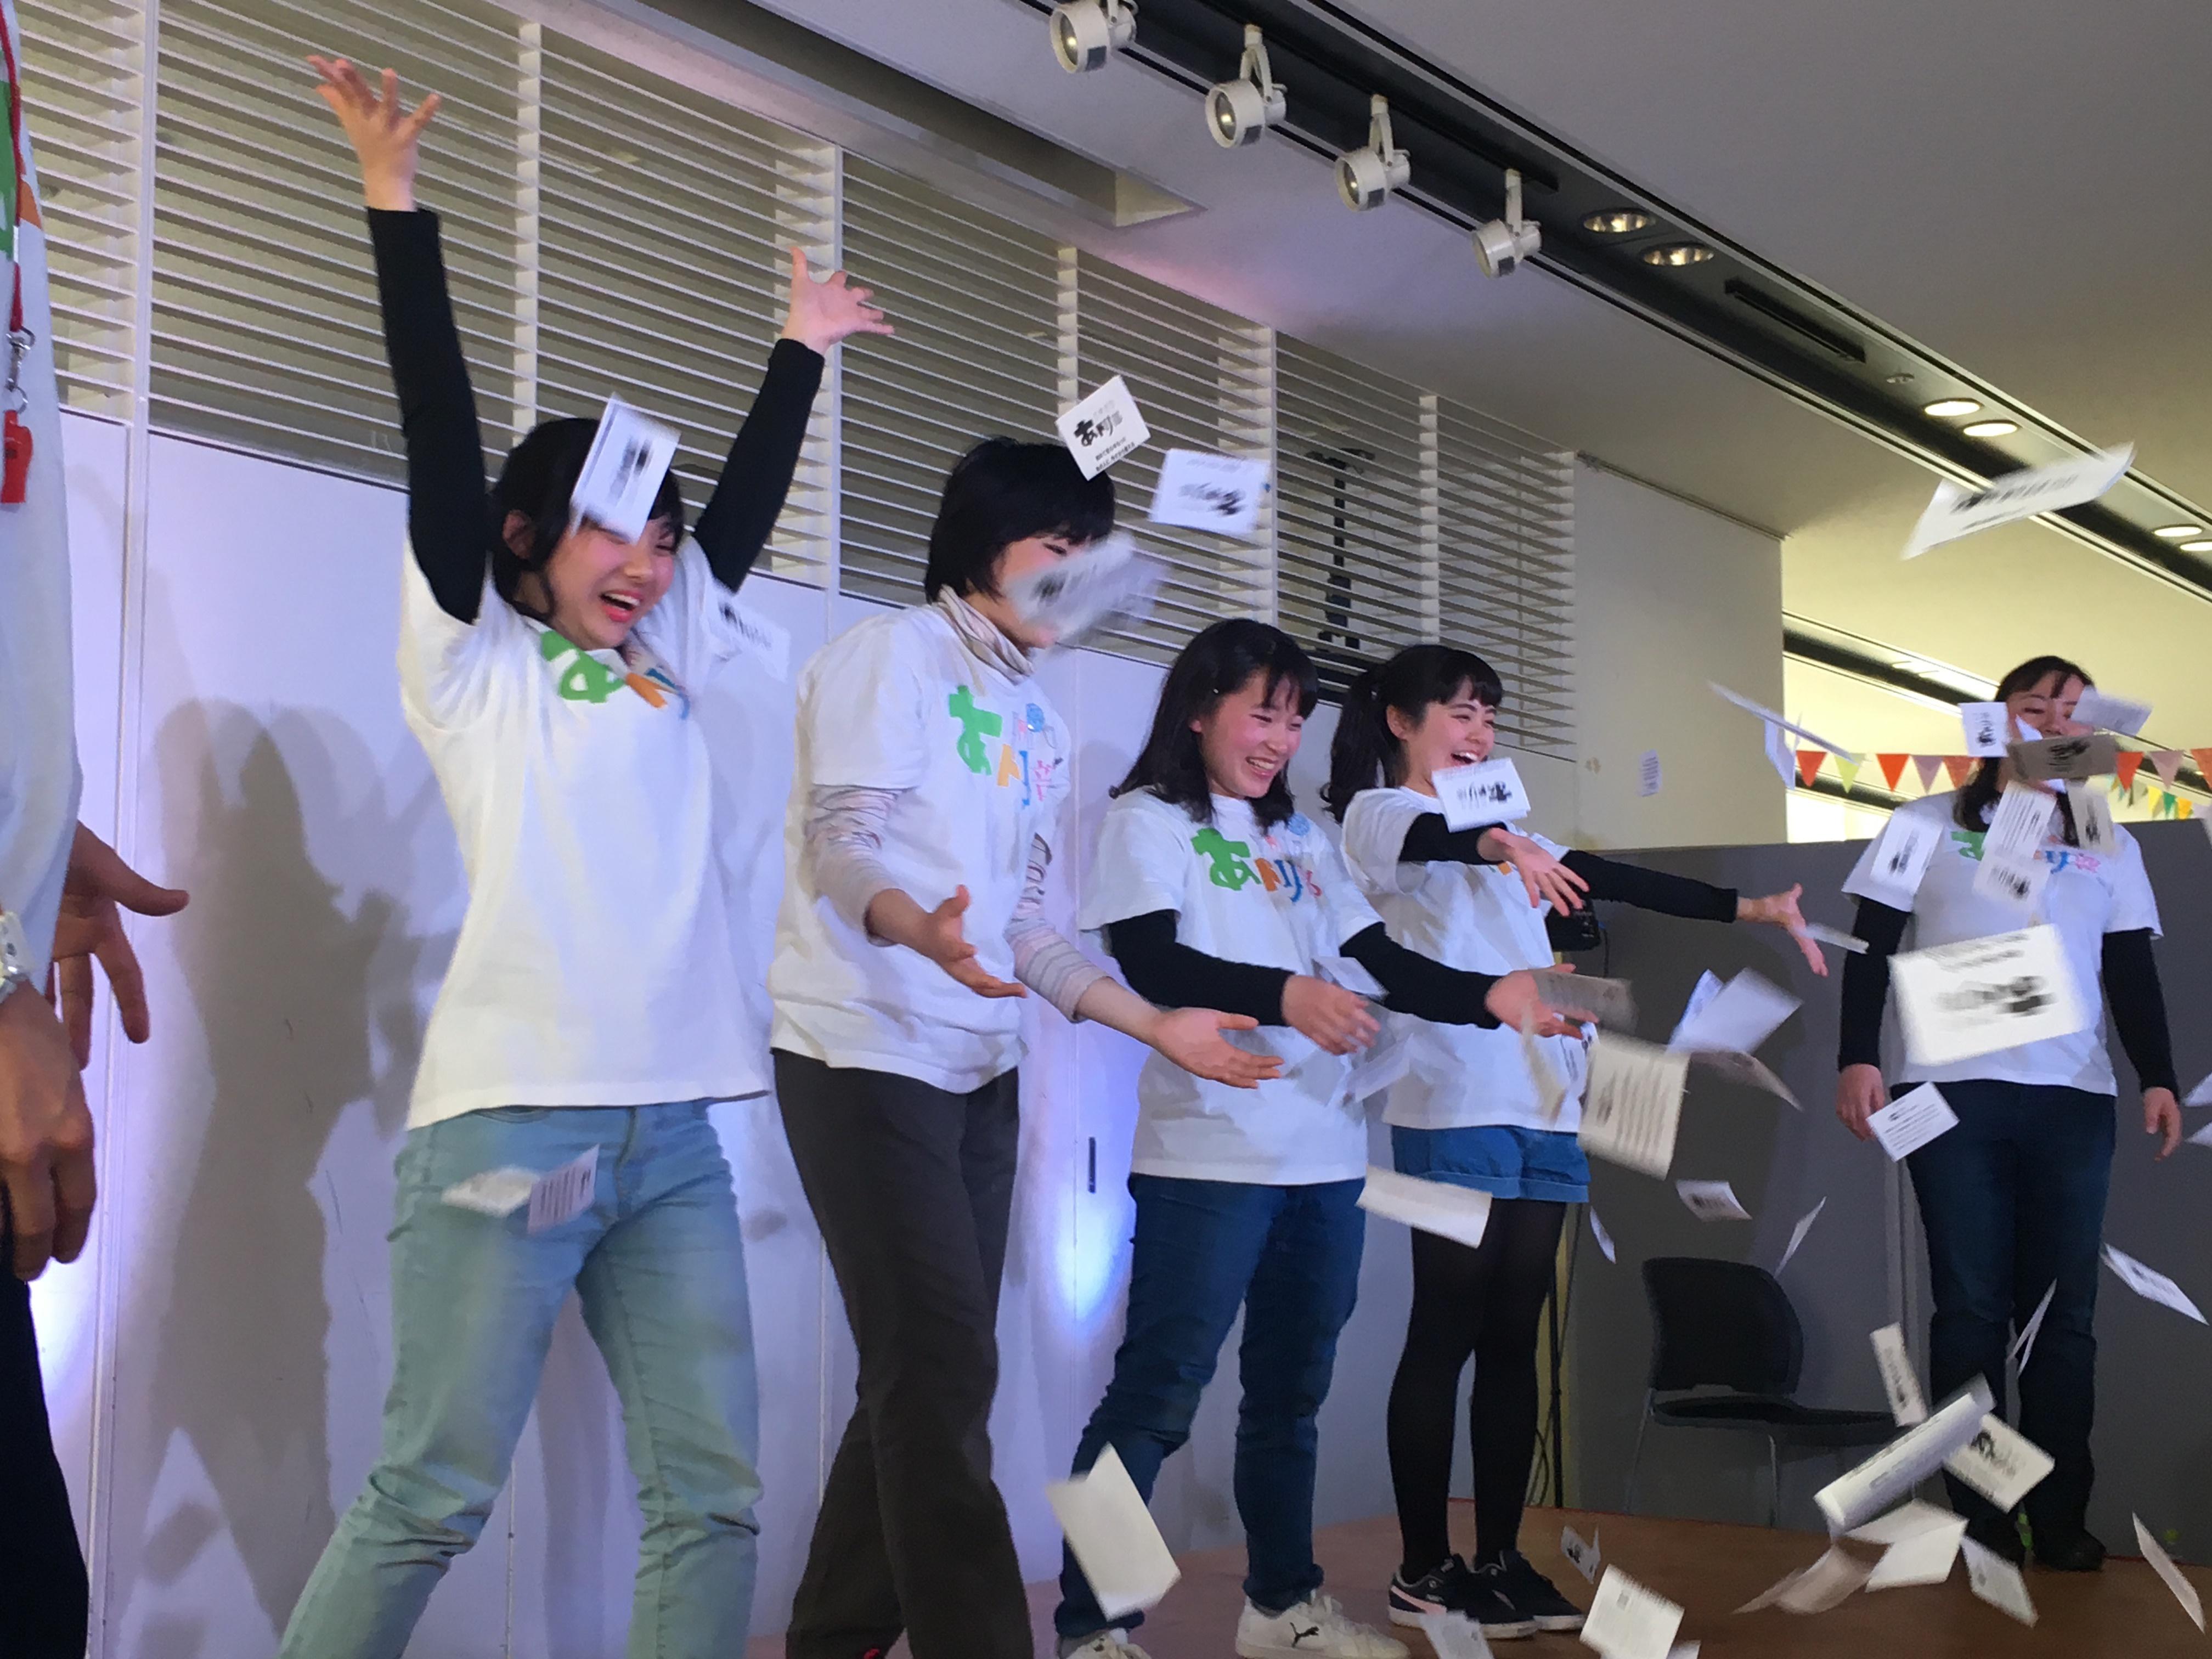 【兵庫・加古川】で≪あドり部≫の公演を観てきました!!_1